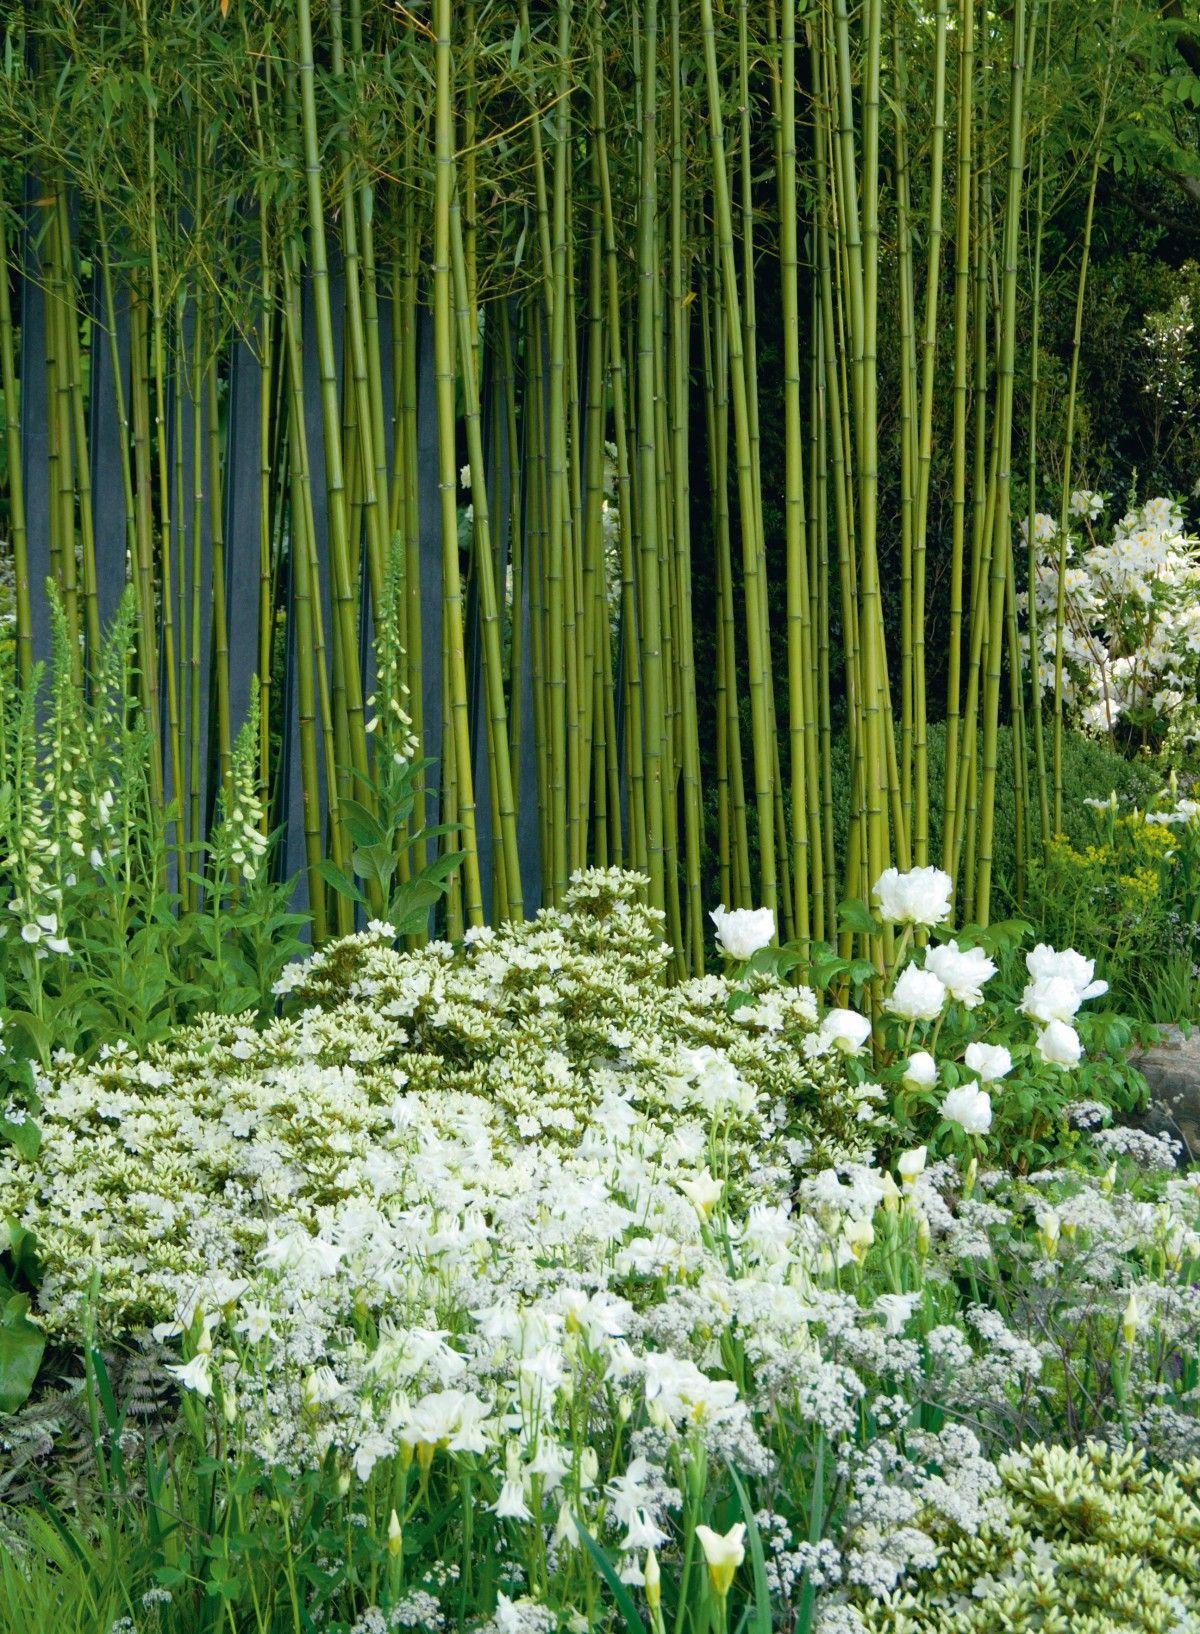 Comment Faire Pousser Bambou bambou : 6 façons de l'utiliser au jardin | jardins, bambou